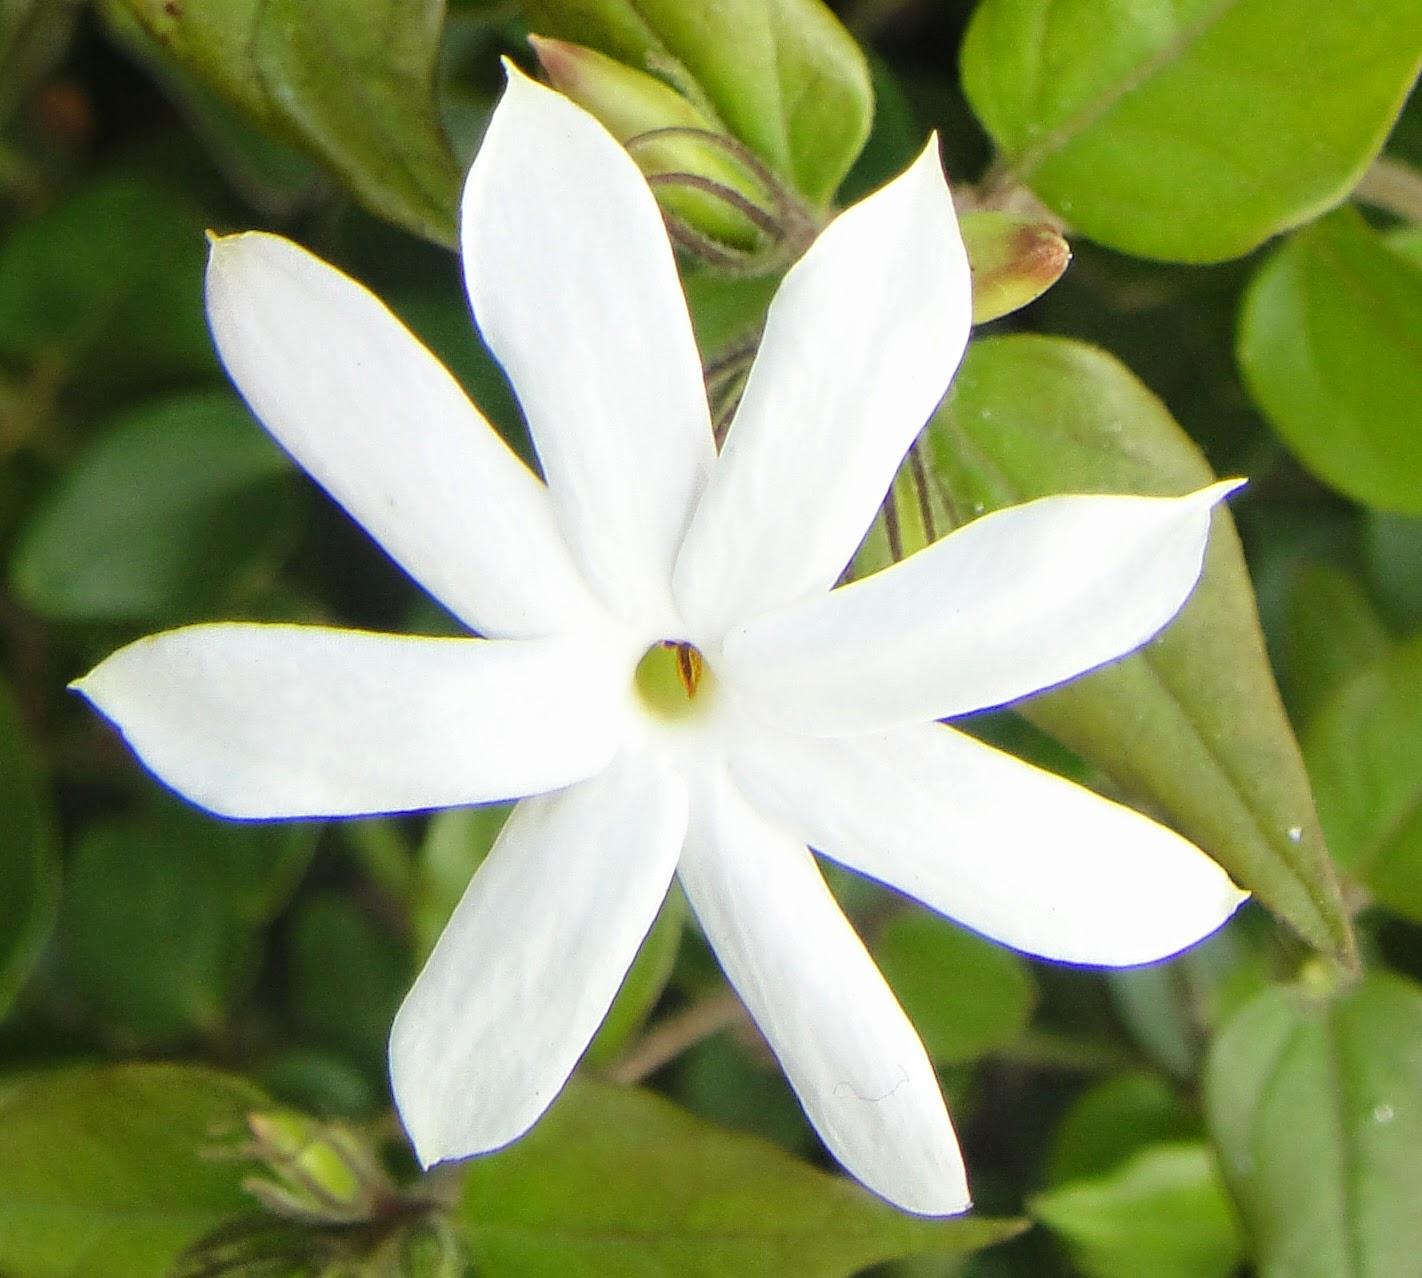 DWAN雲之端: 毛茉莉---開滿星星狀潔白小花的盆景,生長於海拔1,一般生於灌叢,株高 2~5 公尺,星星茉莉,兩面無毛或下面脈腋間具黃色簇毛;頂生小葉片通常明顯大於側生小葉片,披針形或卵形, 且新枝的莖上 ...